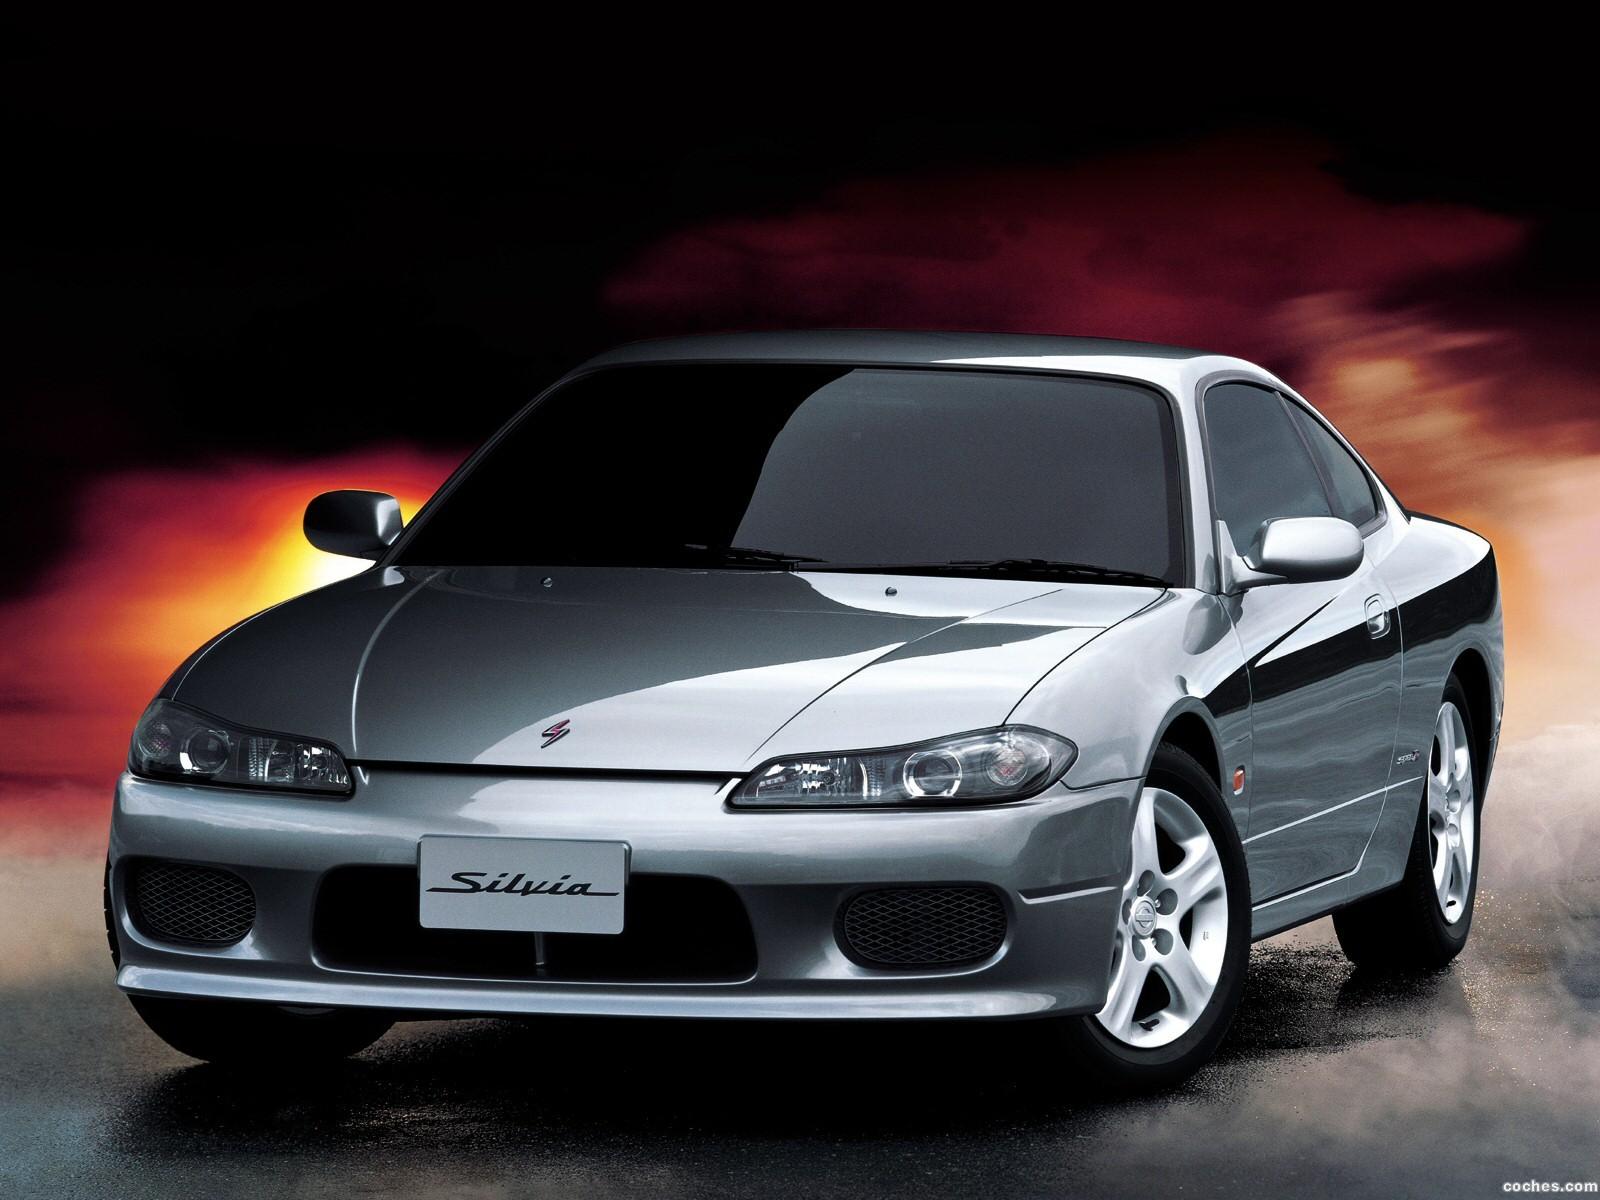 Foto 0 de Nissan Silvia Spec-R Aero S15 1999